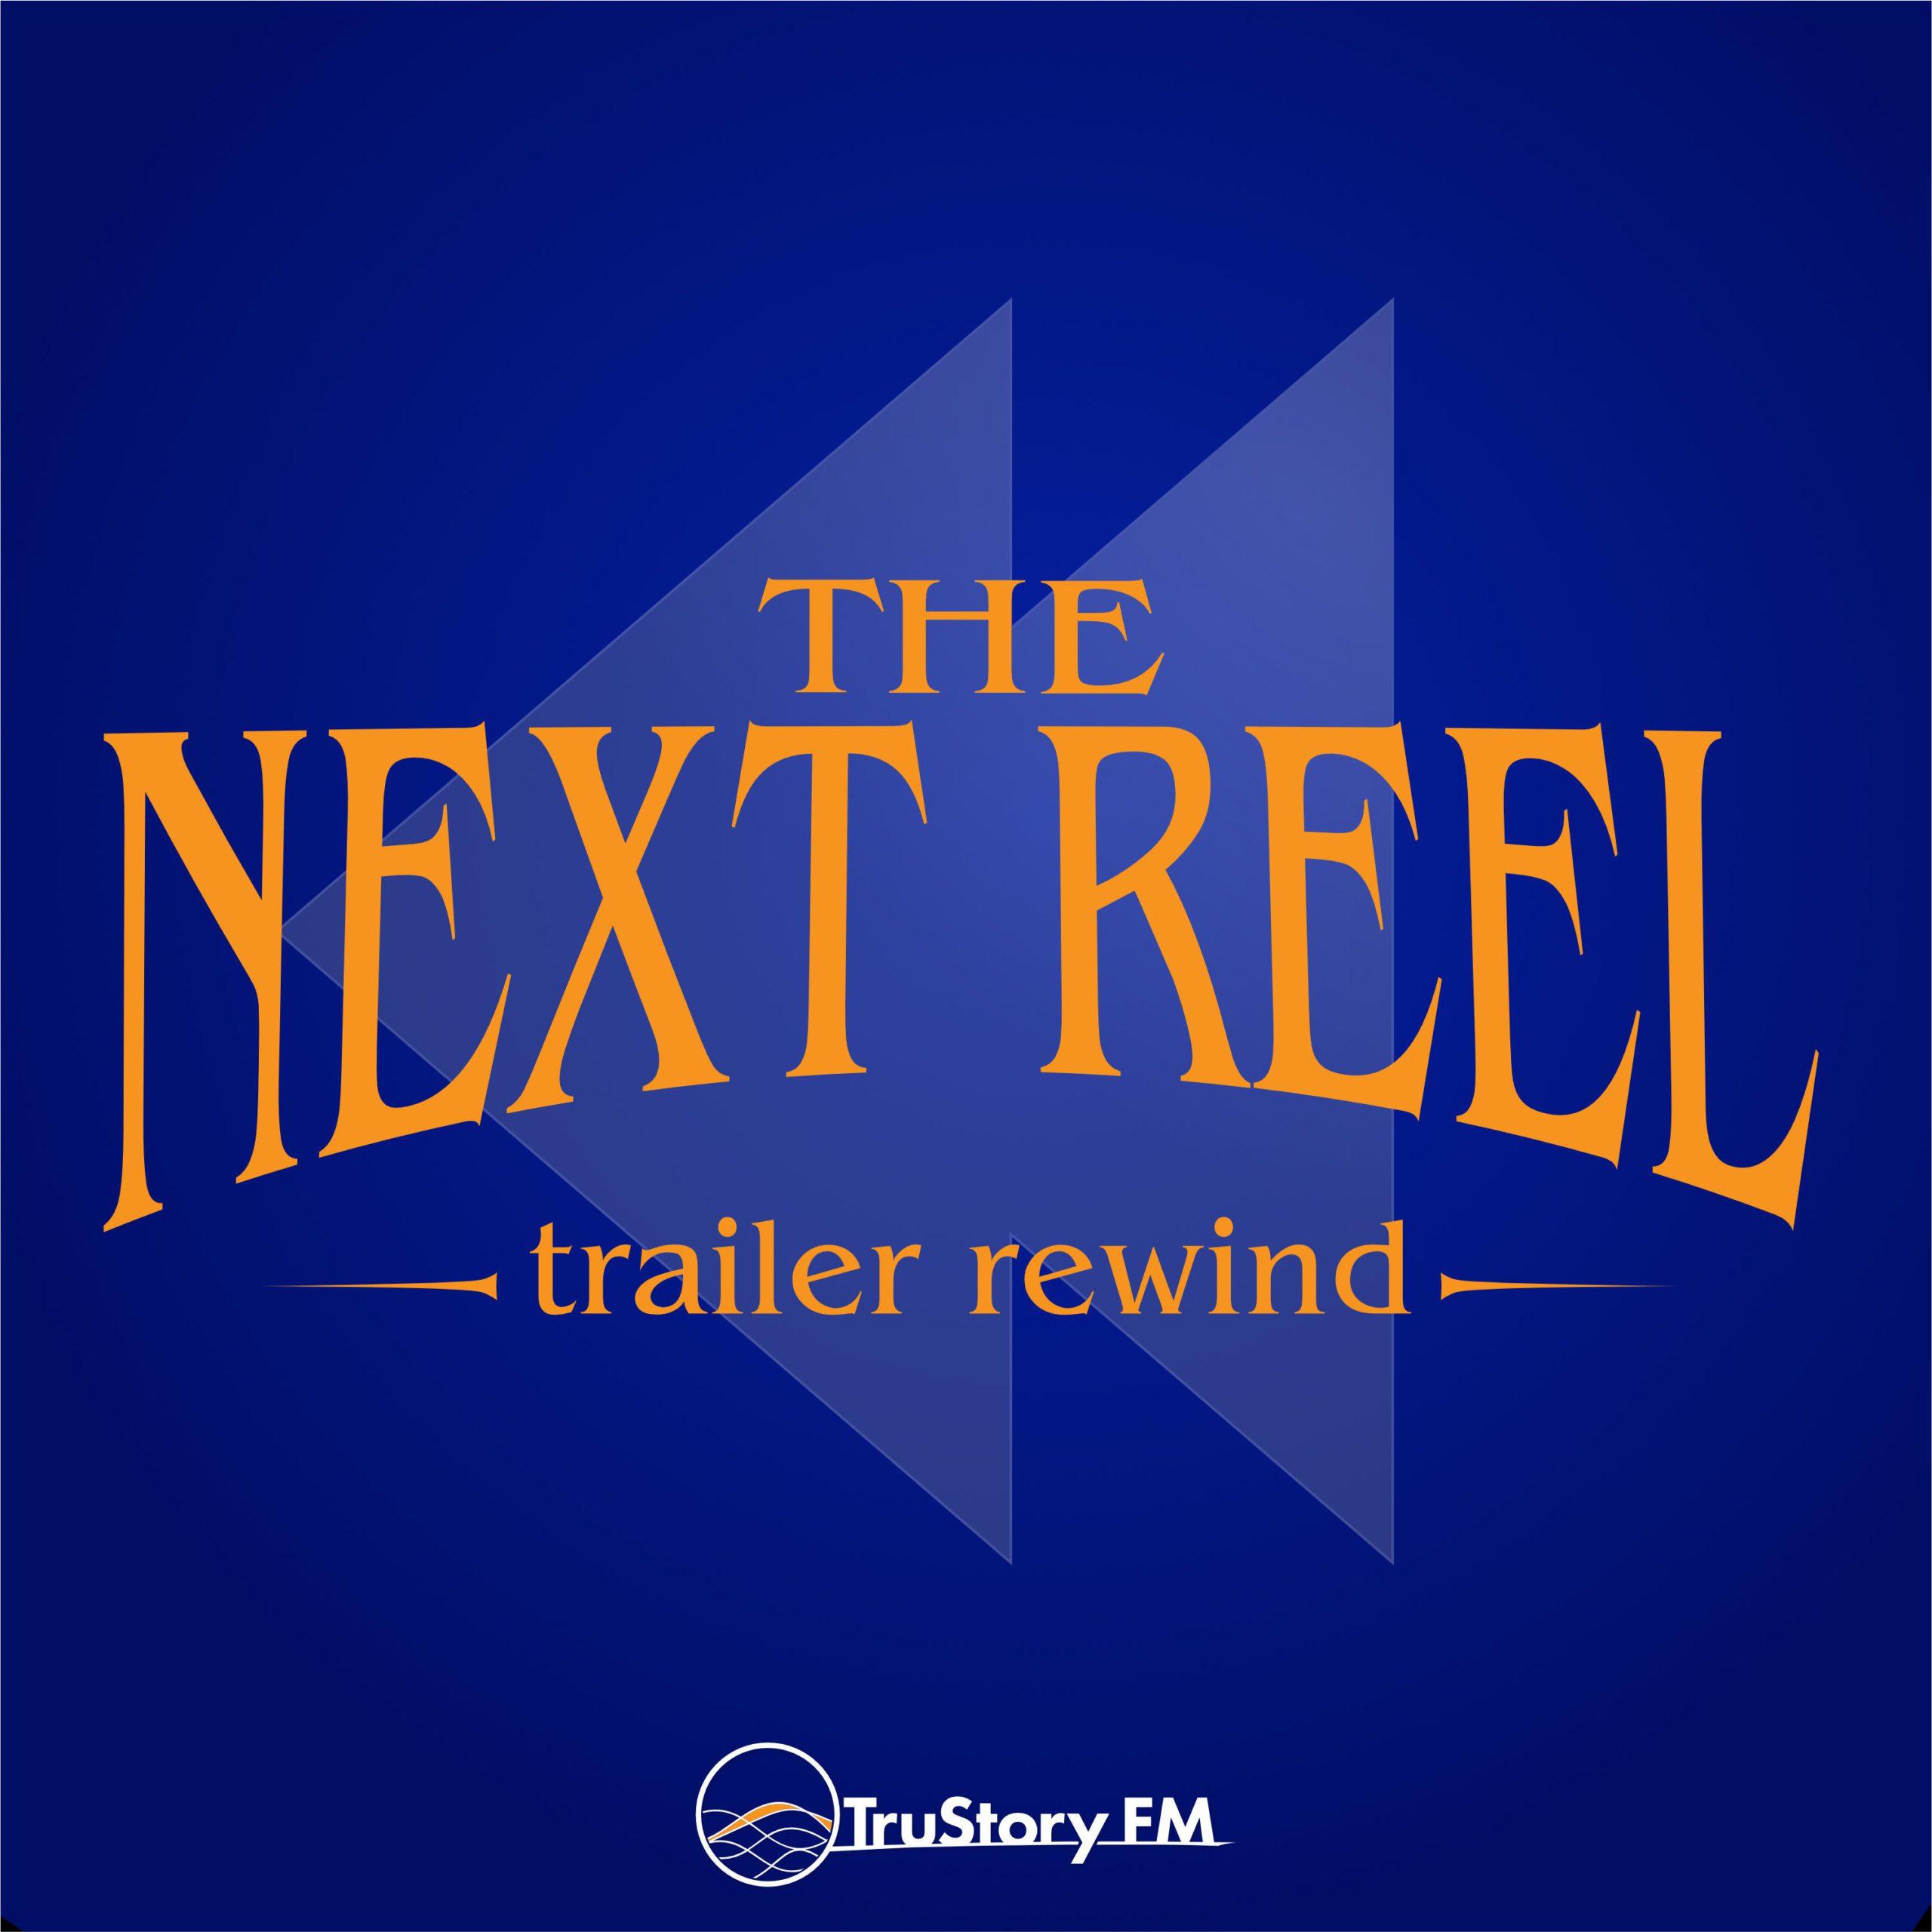 Trailer Rewind